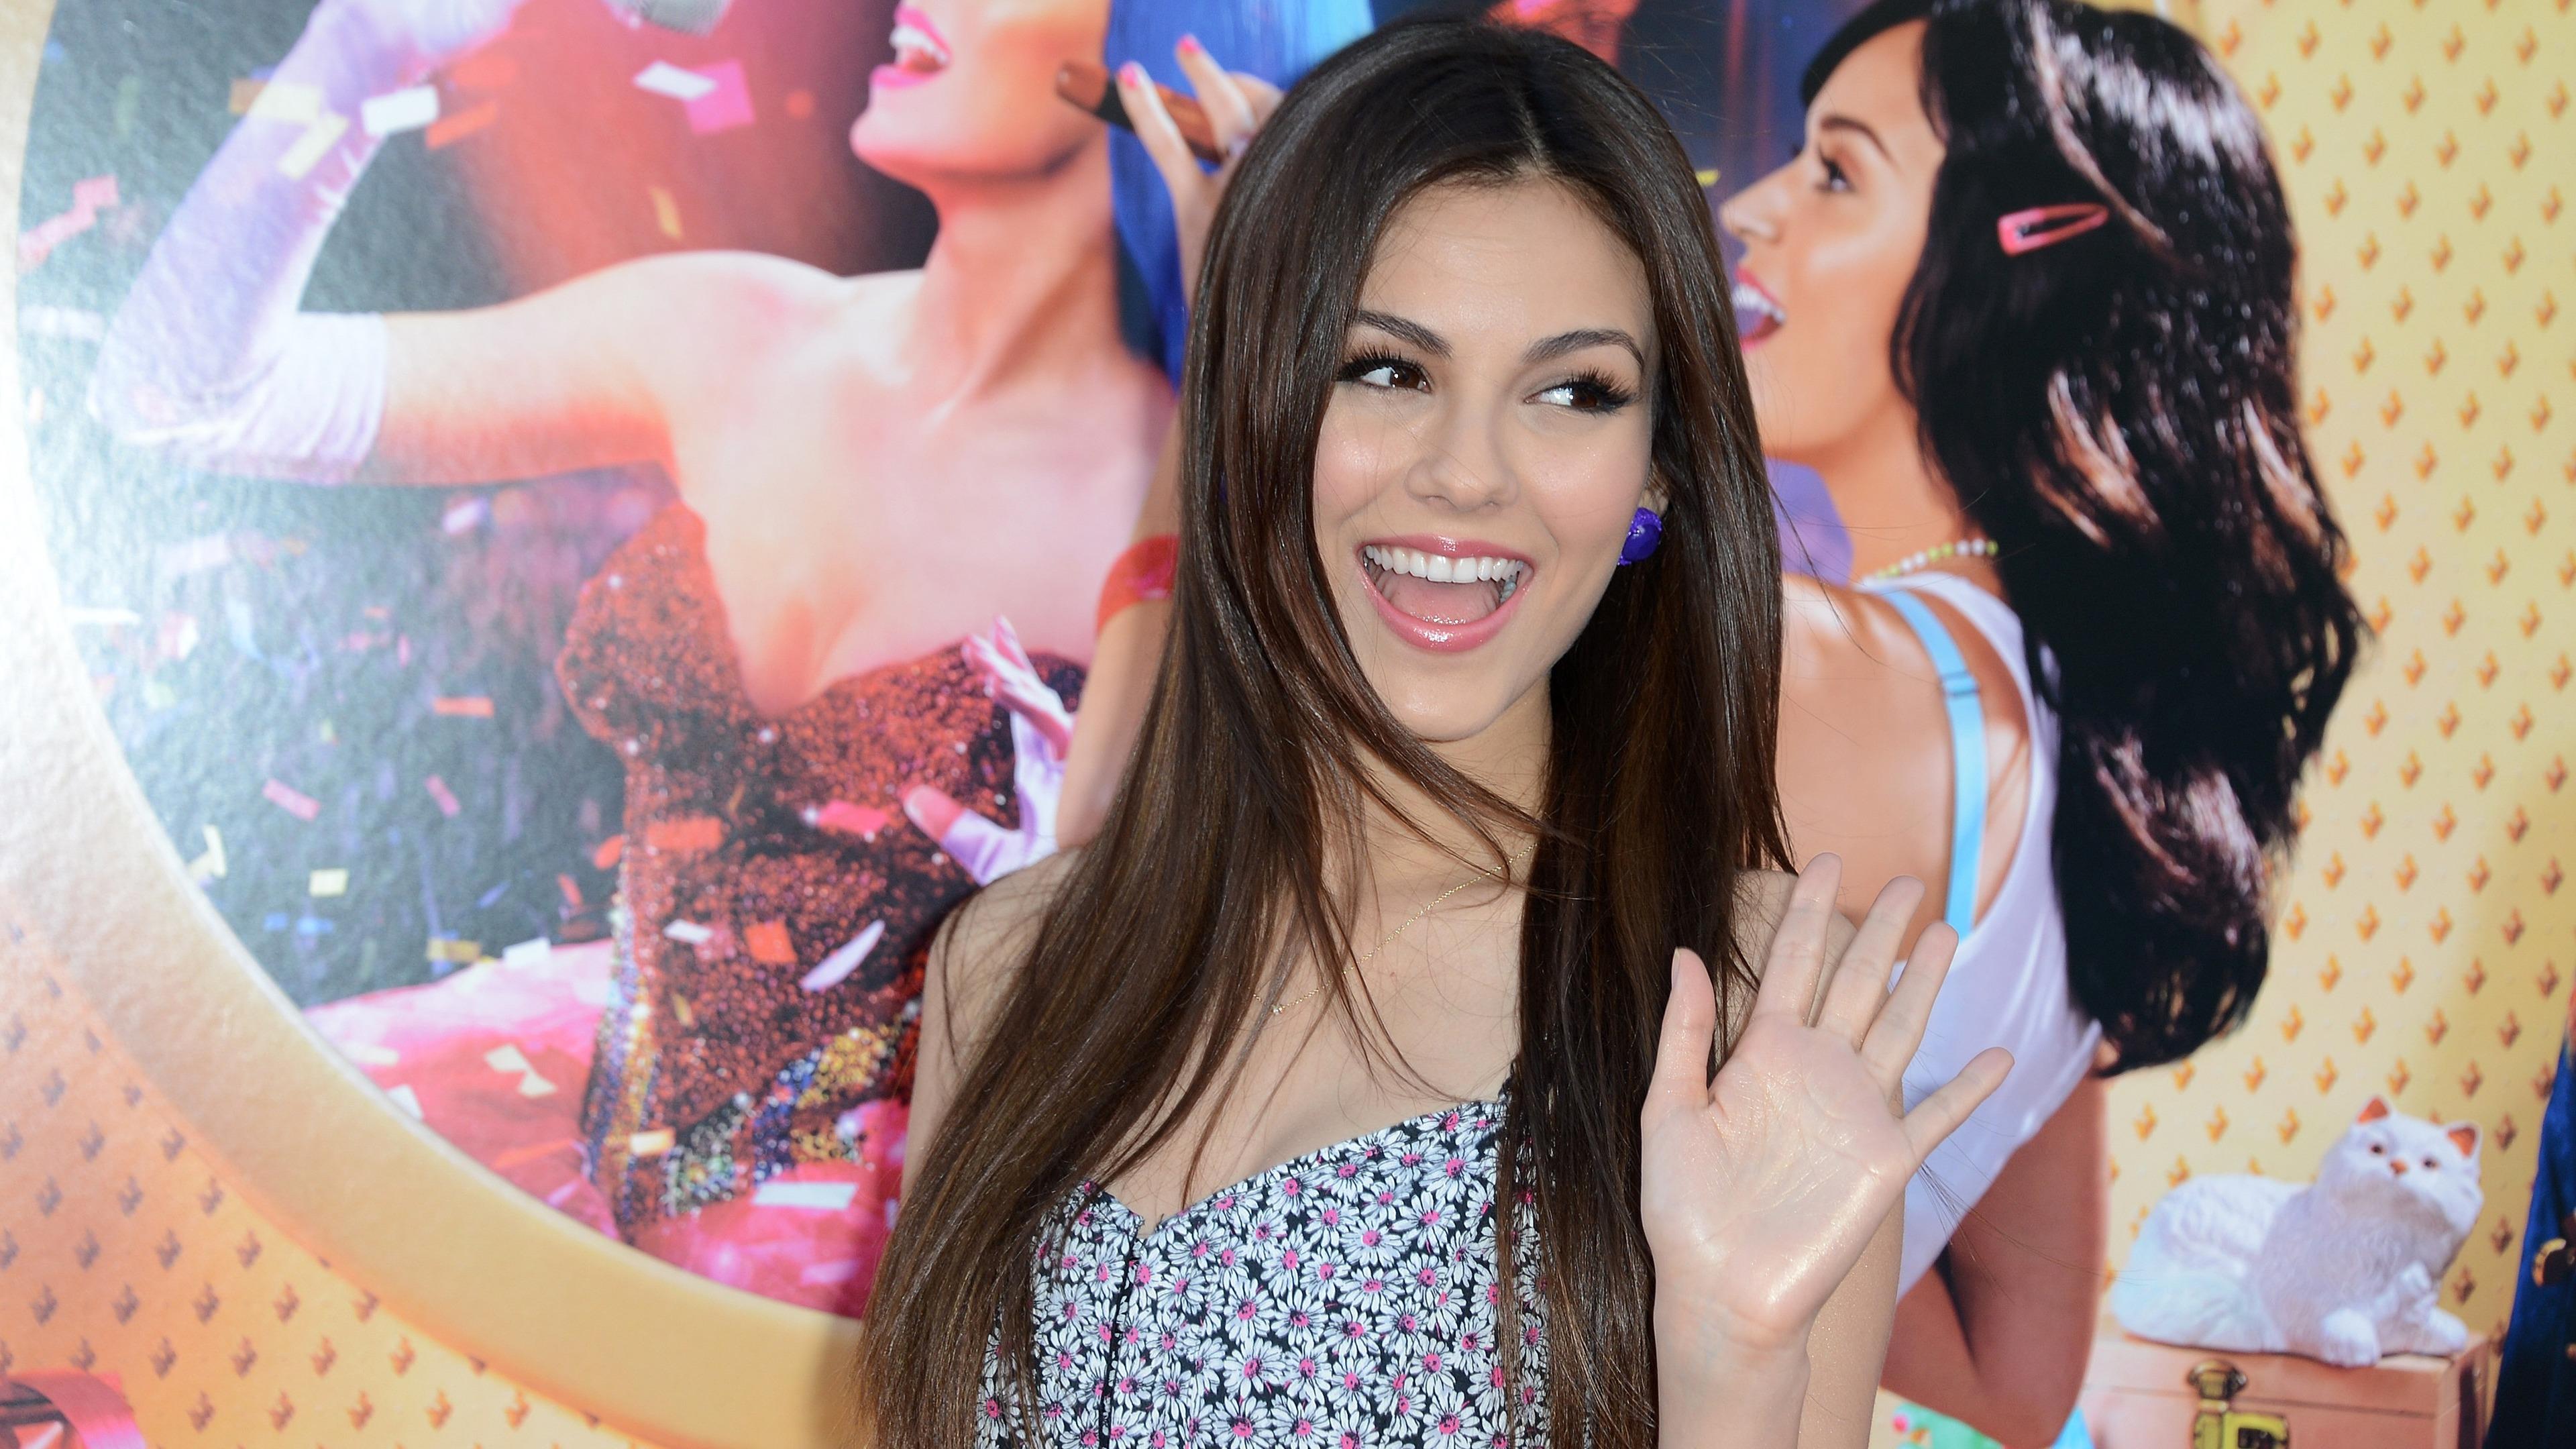 victoria justice celebrity 1536856933 - Victoria Justice Celebrity - victoria justice wallpapers, girls wallpapers, celebrities wallpapers